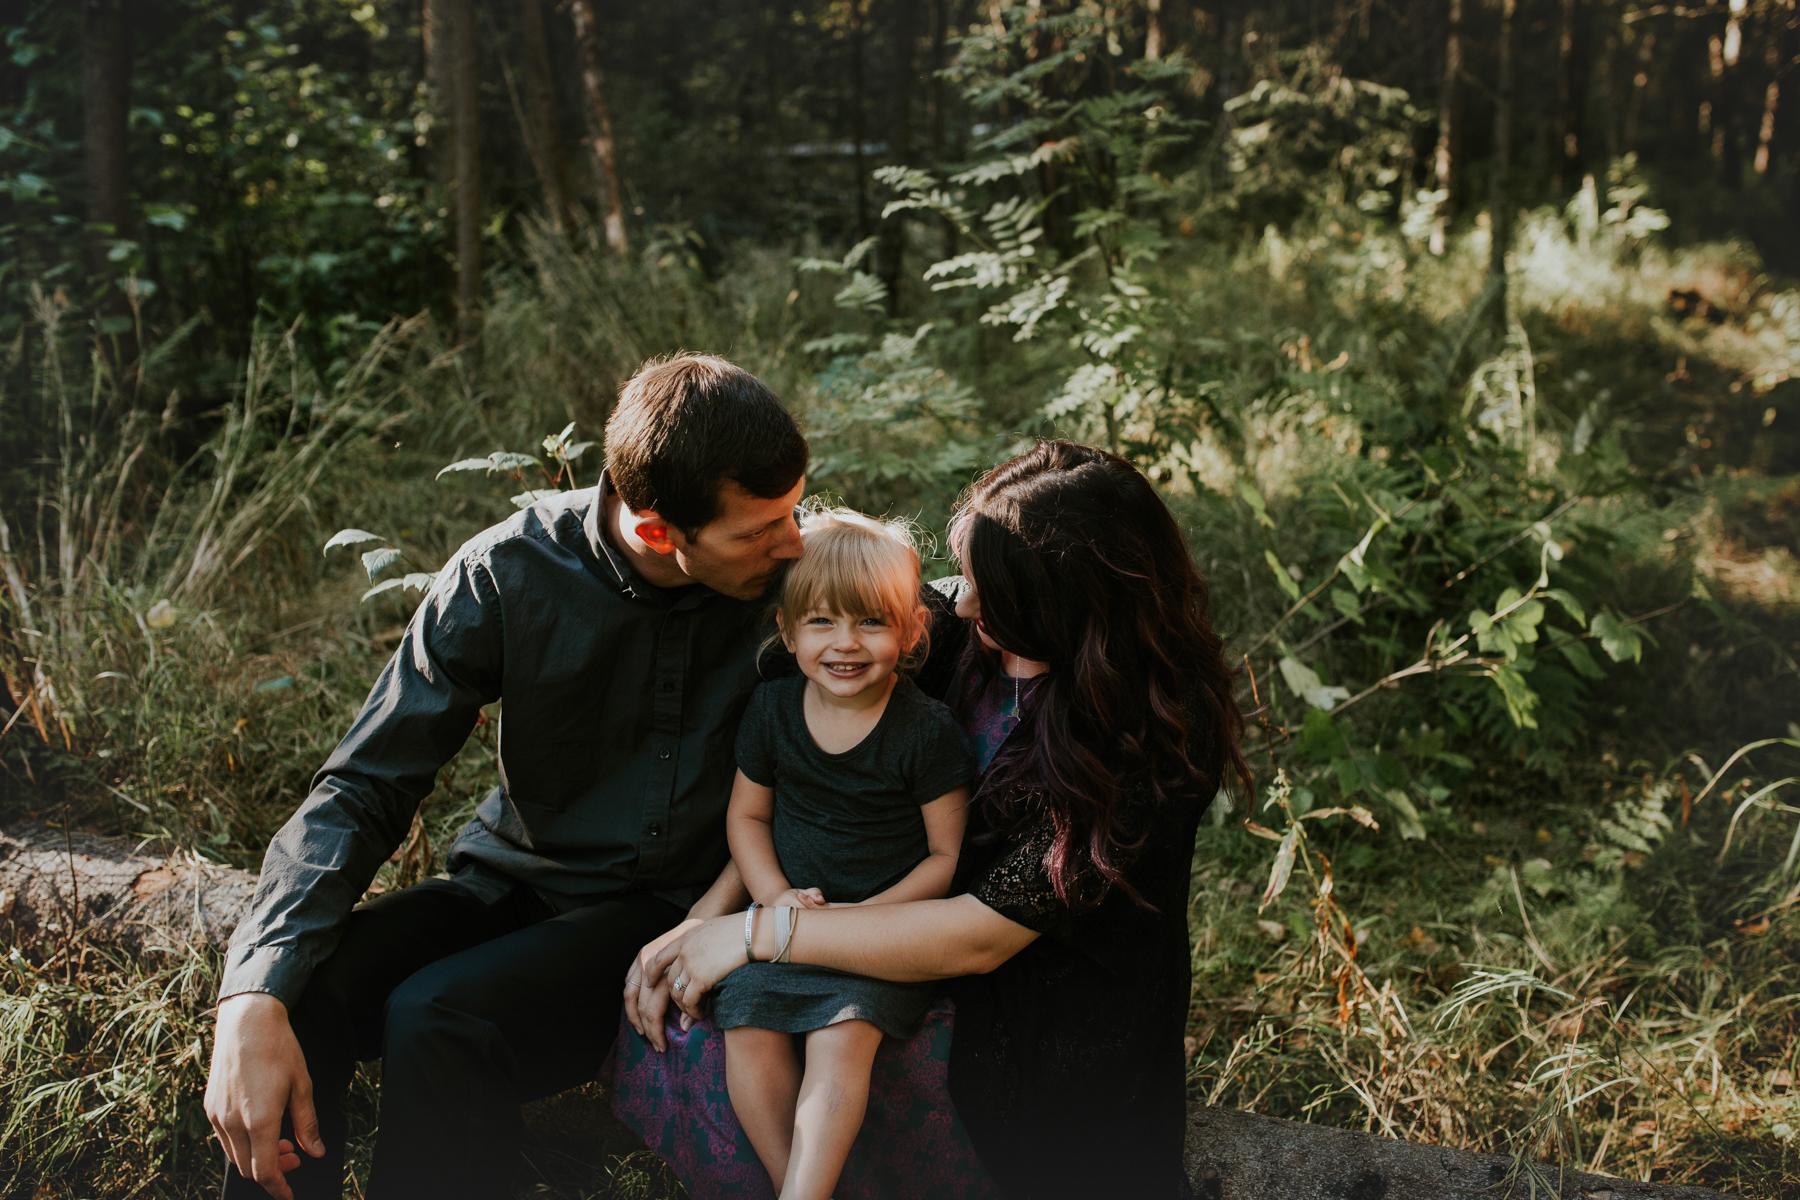 25eagleriveralasksafamilyphotographer.jpg